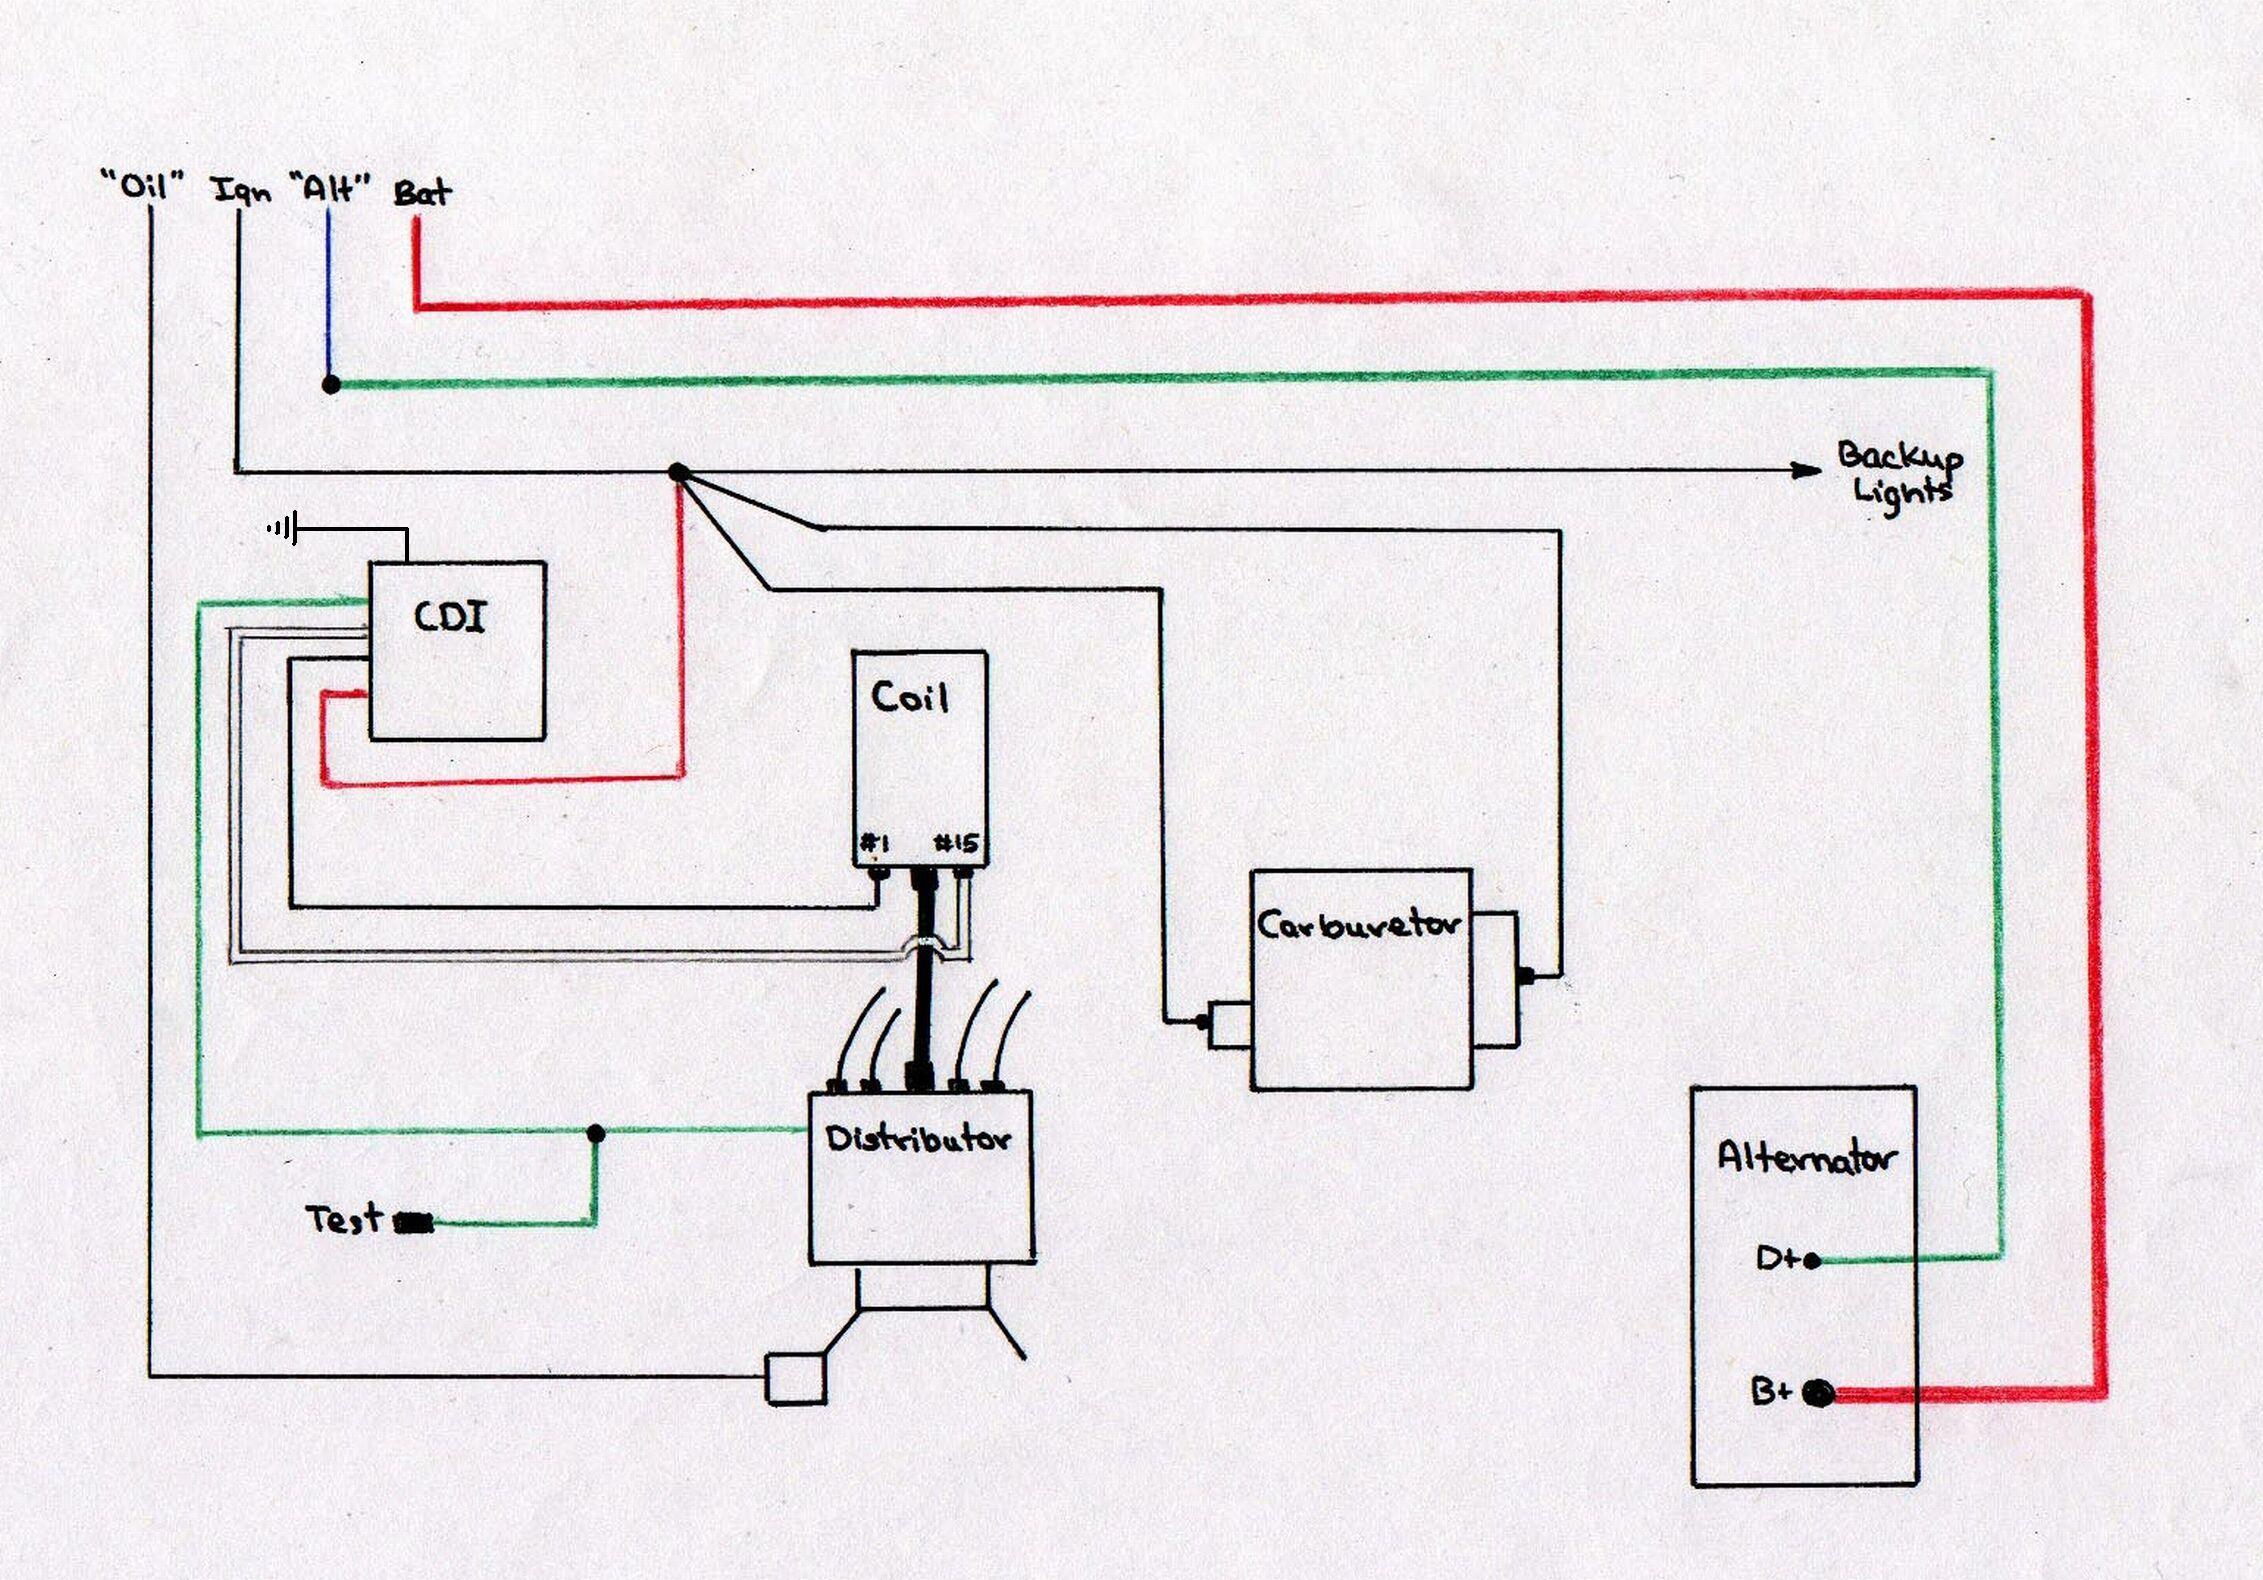 linhai atv wiring diagram 7a969 linhai 260 atv wiring diagram wiring resources  7a969 linhai 260 atv wiring diagram